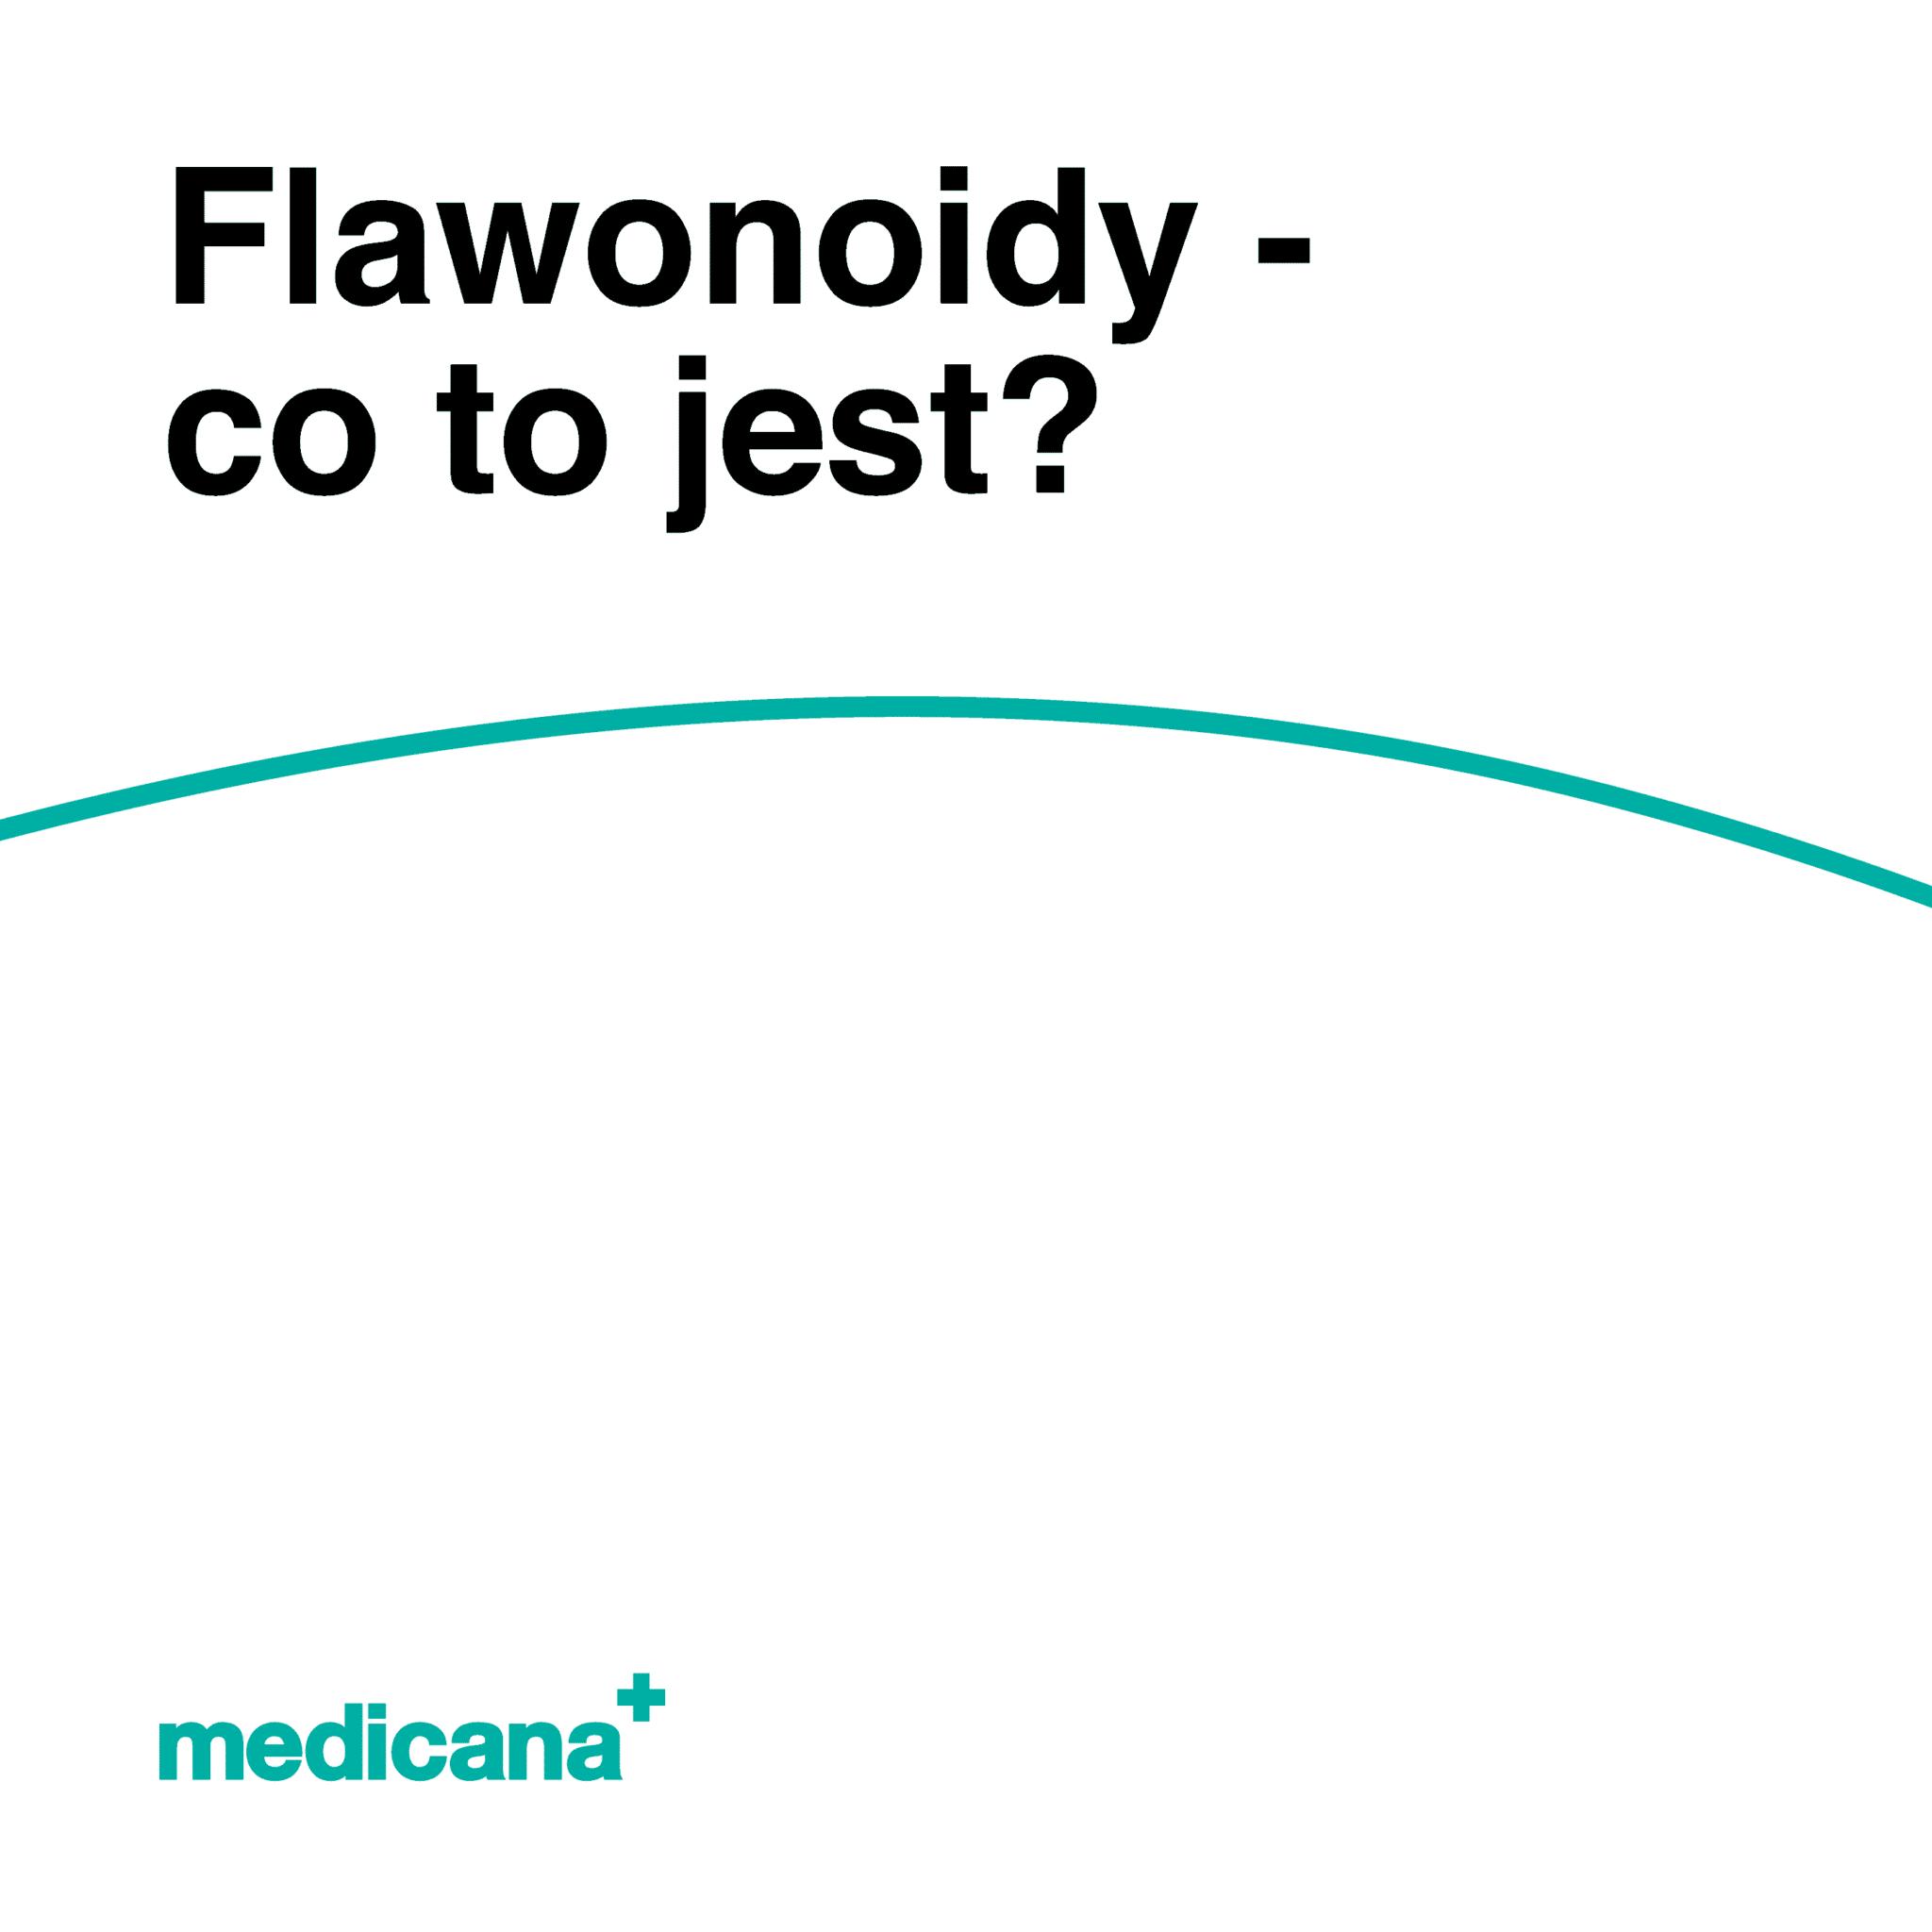 Grafika, białe tło z zieloną linią, czarnym napisem Flawonoidy - co to jest? oraz zielonym logo Medicana w lewym dolnym rogu.